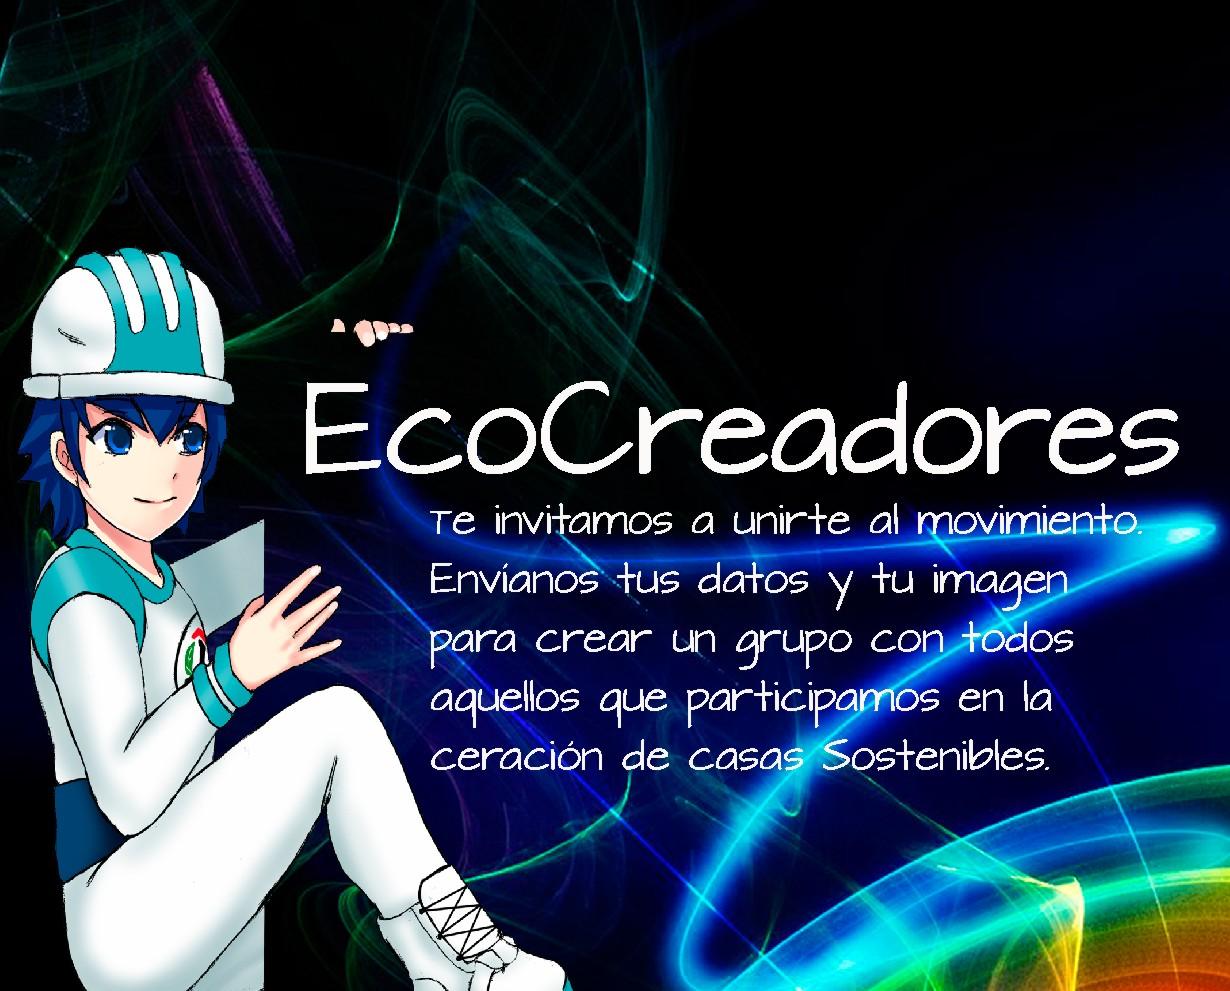 ecocreadores2